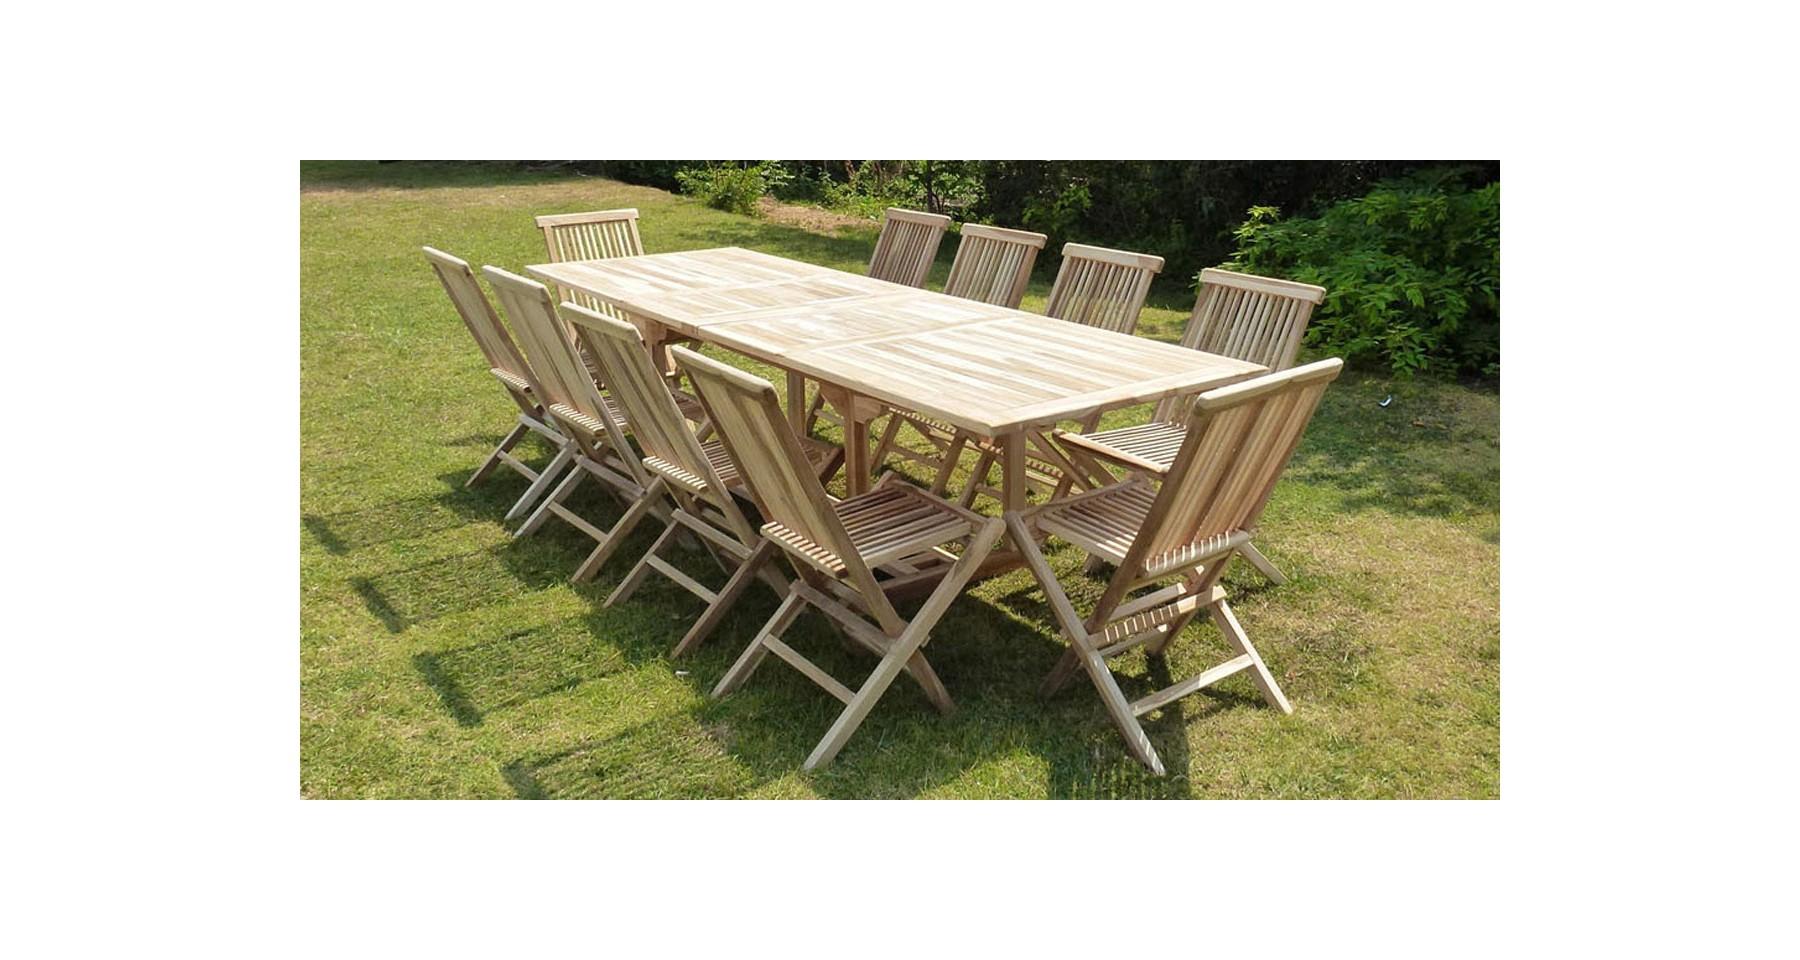 Table De Jardin Xxl Rectangulaire Avec Double Allonge 180/280 Cm En Teck  Massif Brut Lanong destiné Table De Jardin Xxl